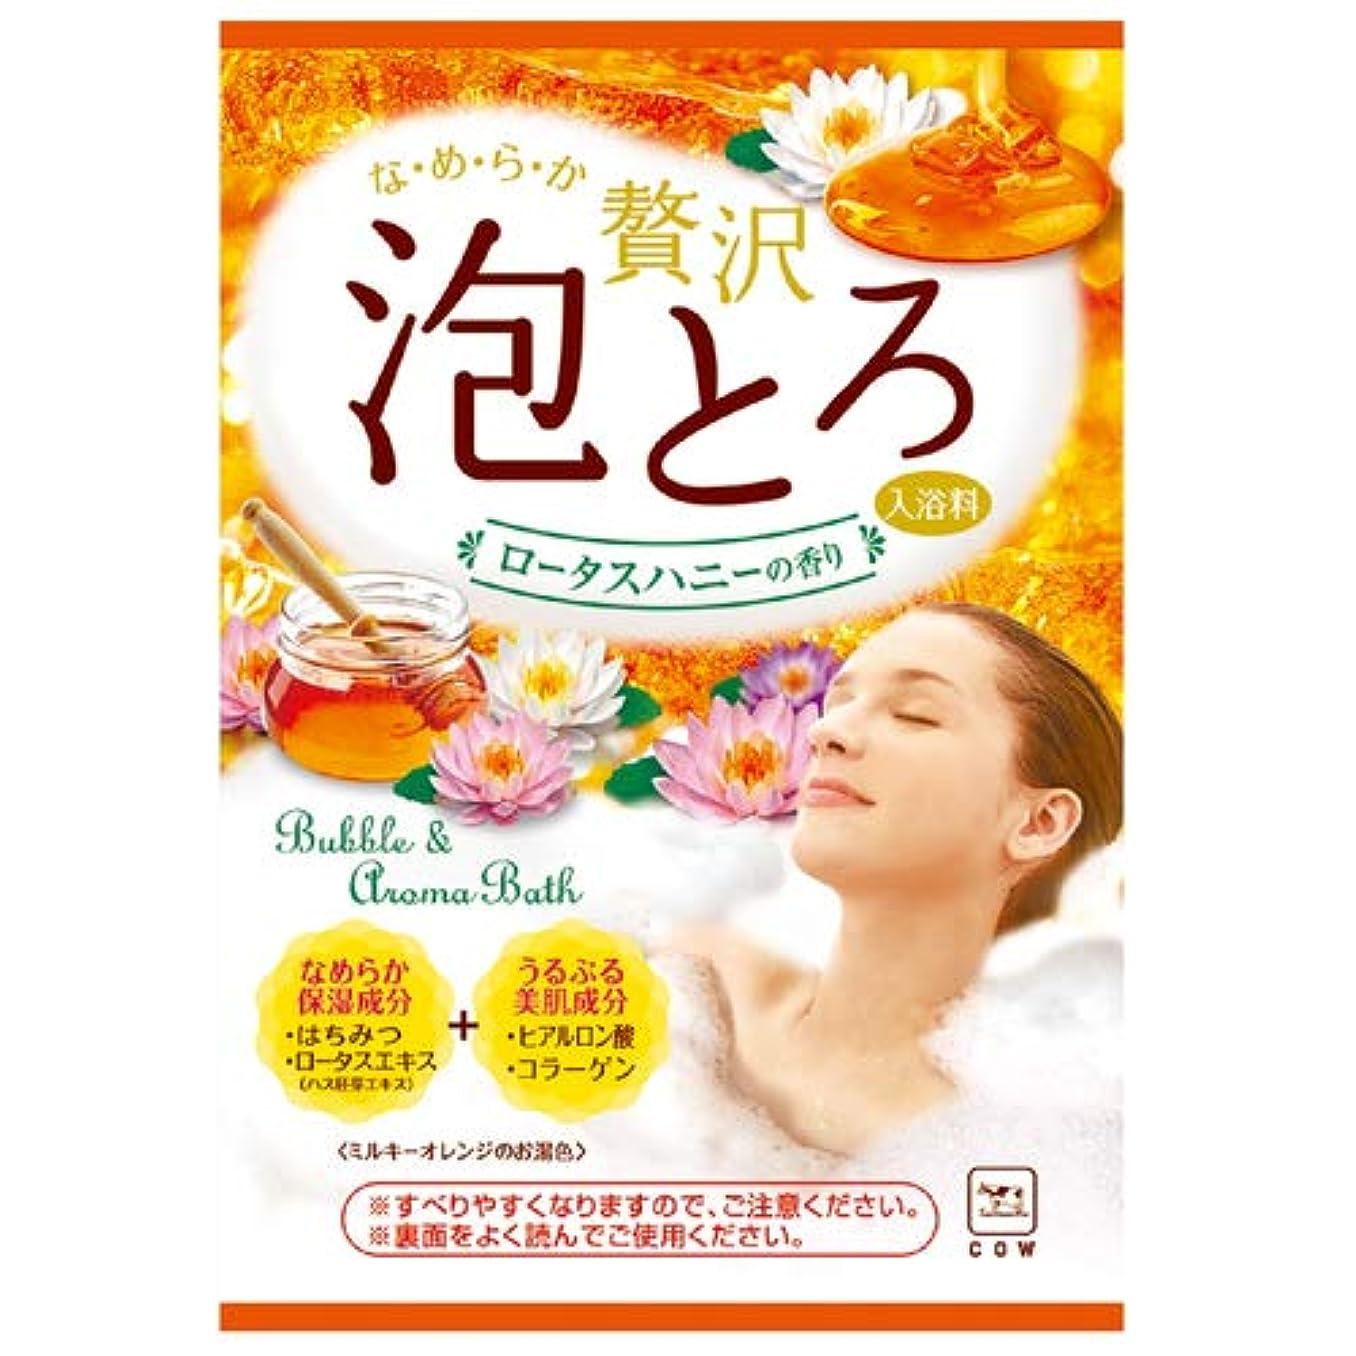 許可するモードご意見お湯物語 贅沢泡とろ入浴料 ロータスハニーの香り 30g